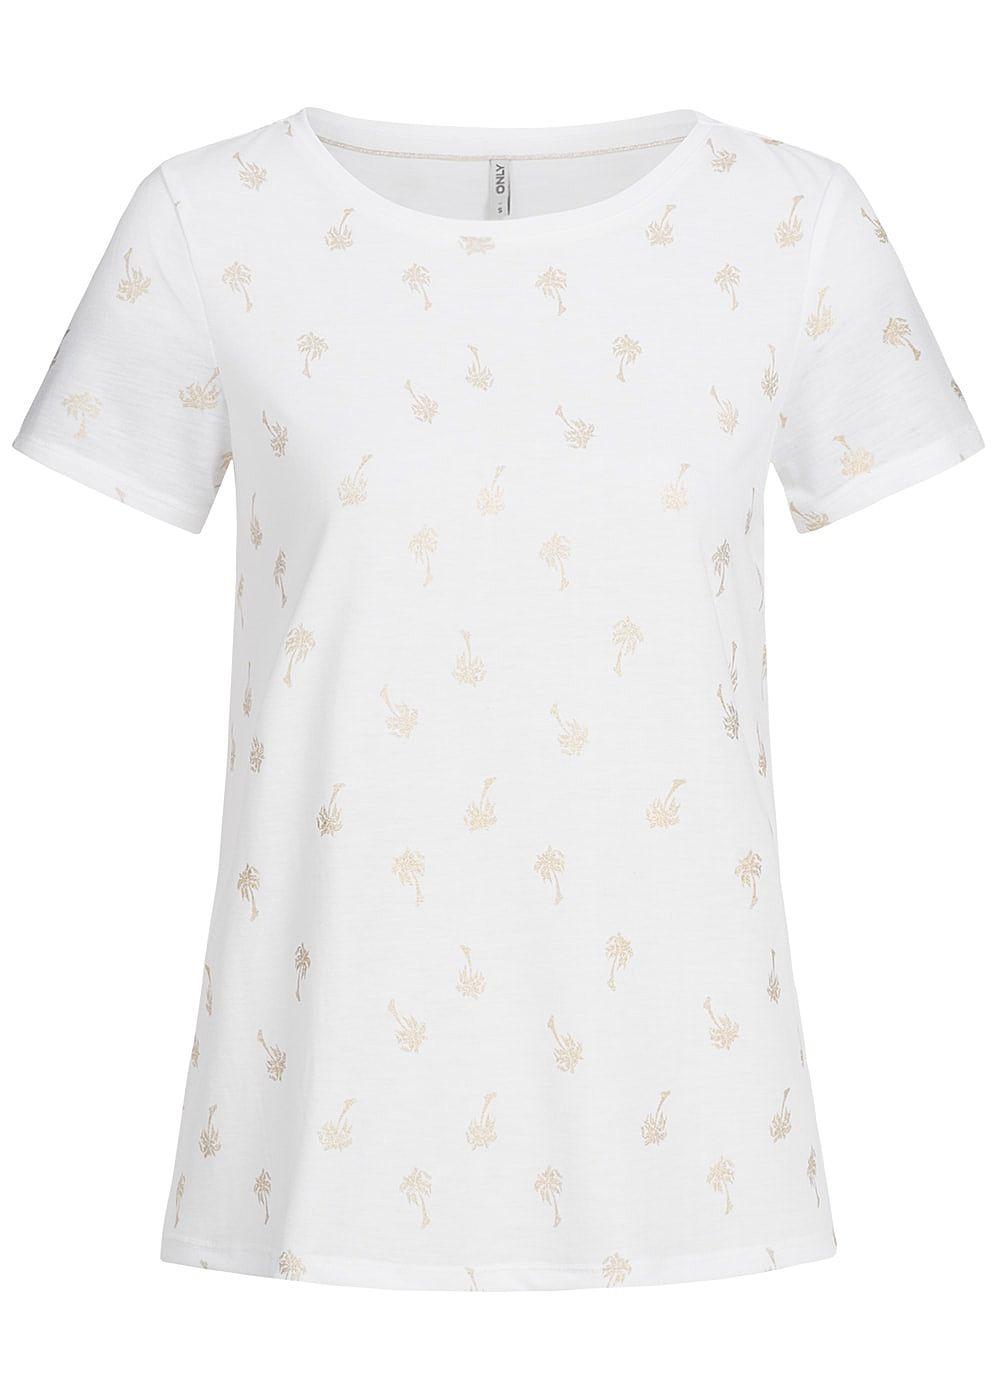 9fff08b988841 ONLY Damen T-Shirt Palmen Muster cloud dancer weiss gold - 77onlineshop